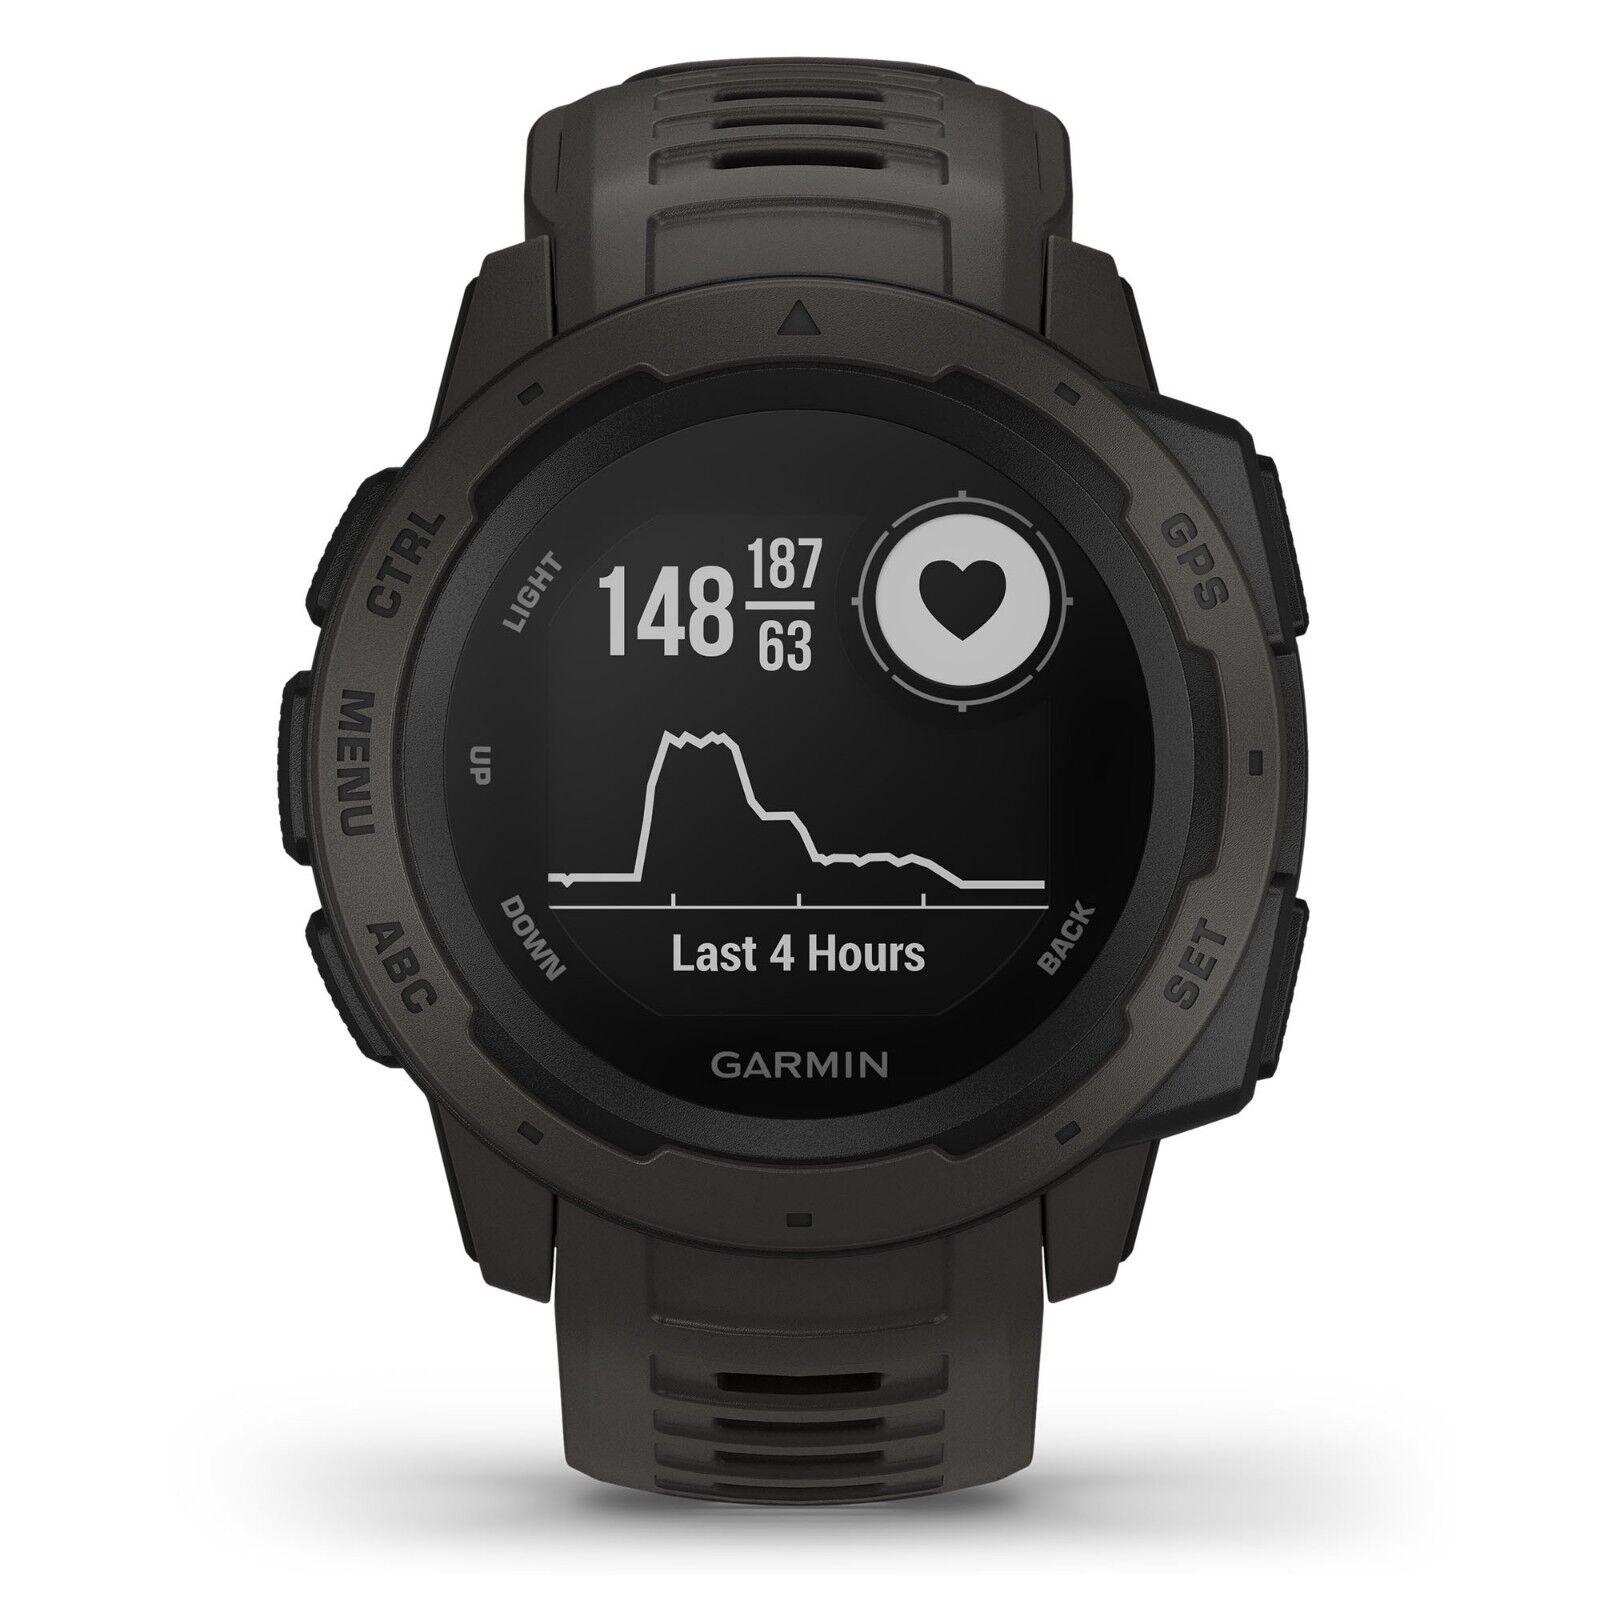 garmin-instinct-rugged-outdoor-gps-watch-graphite-wrist-hrm-glonass-010-02064-00